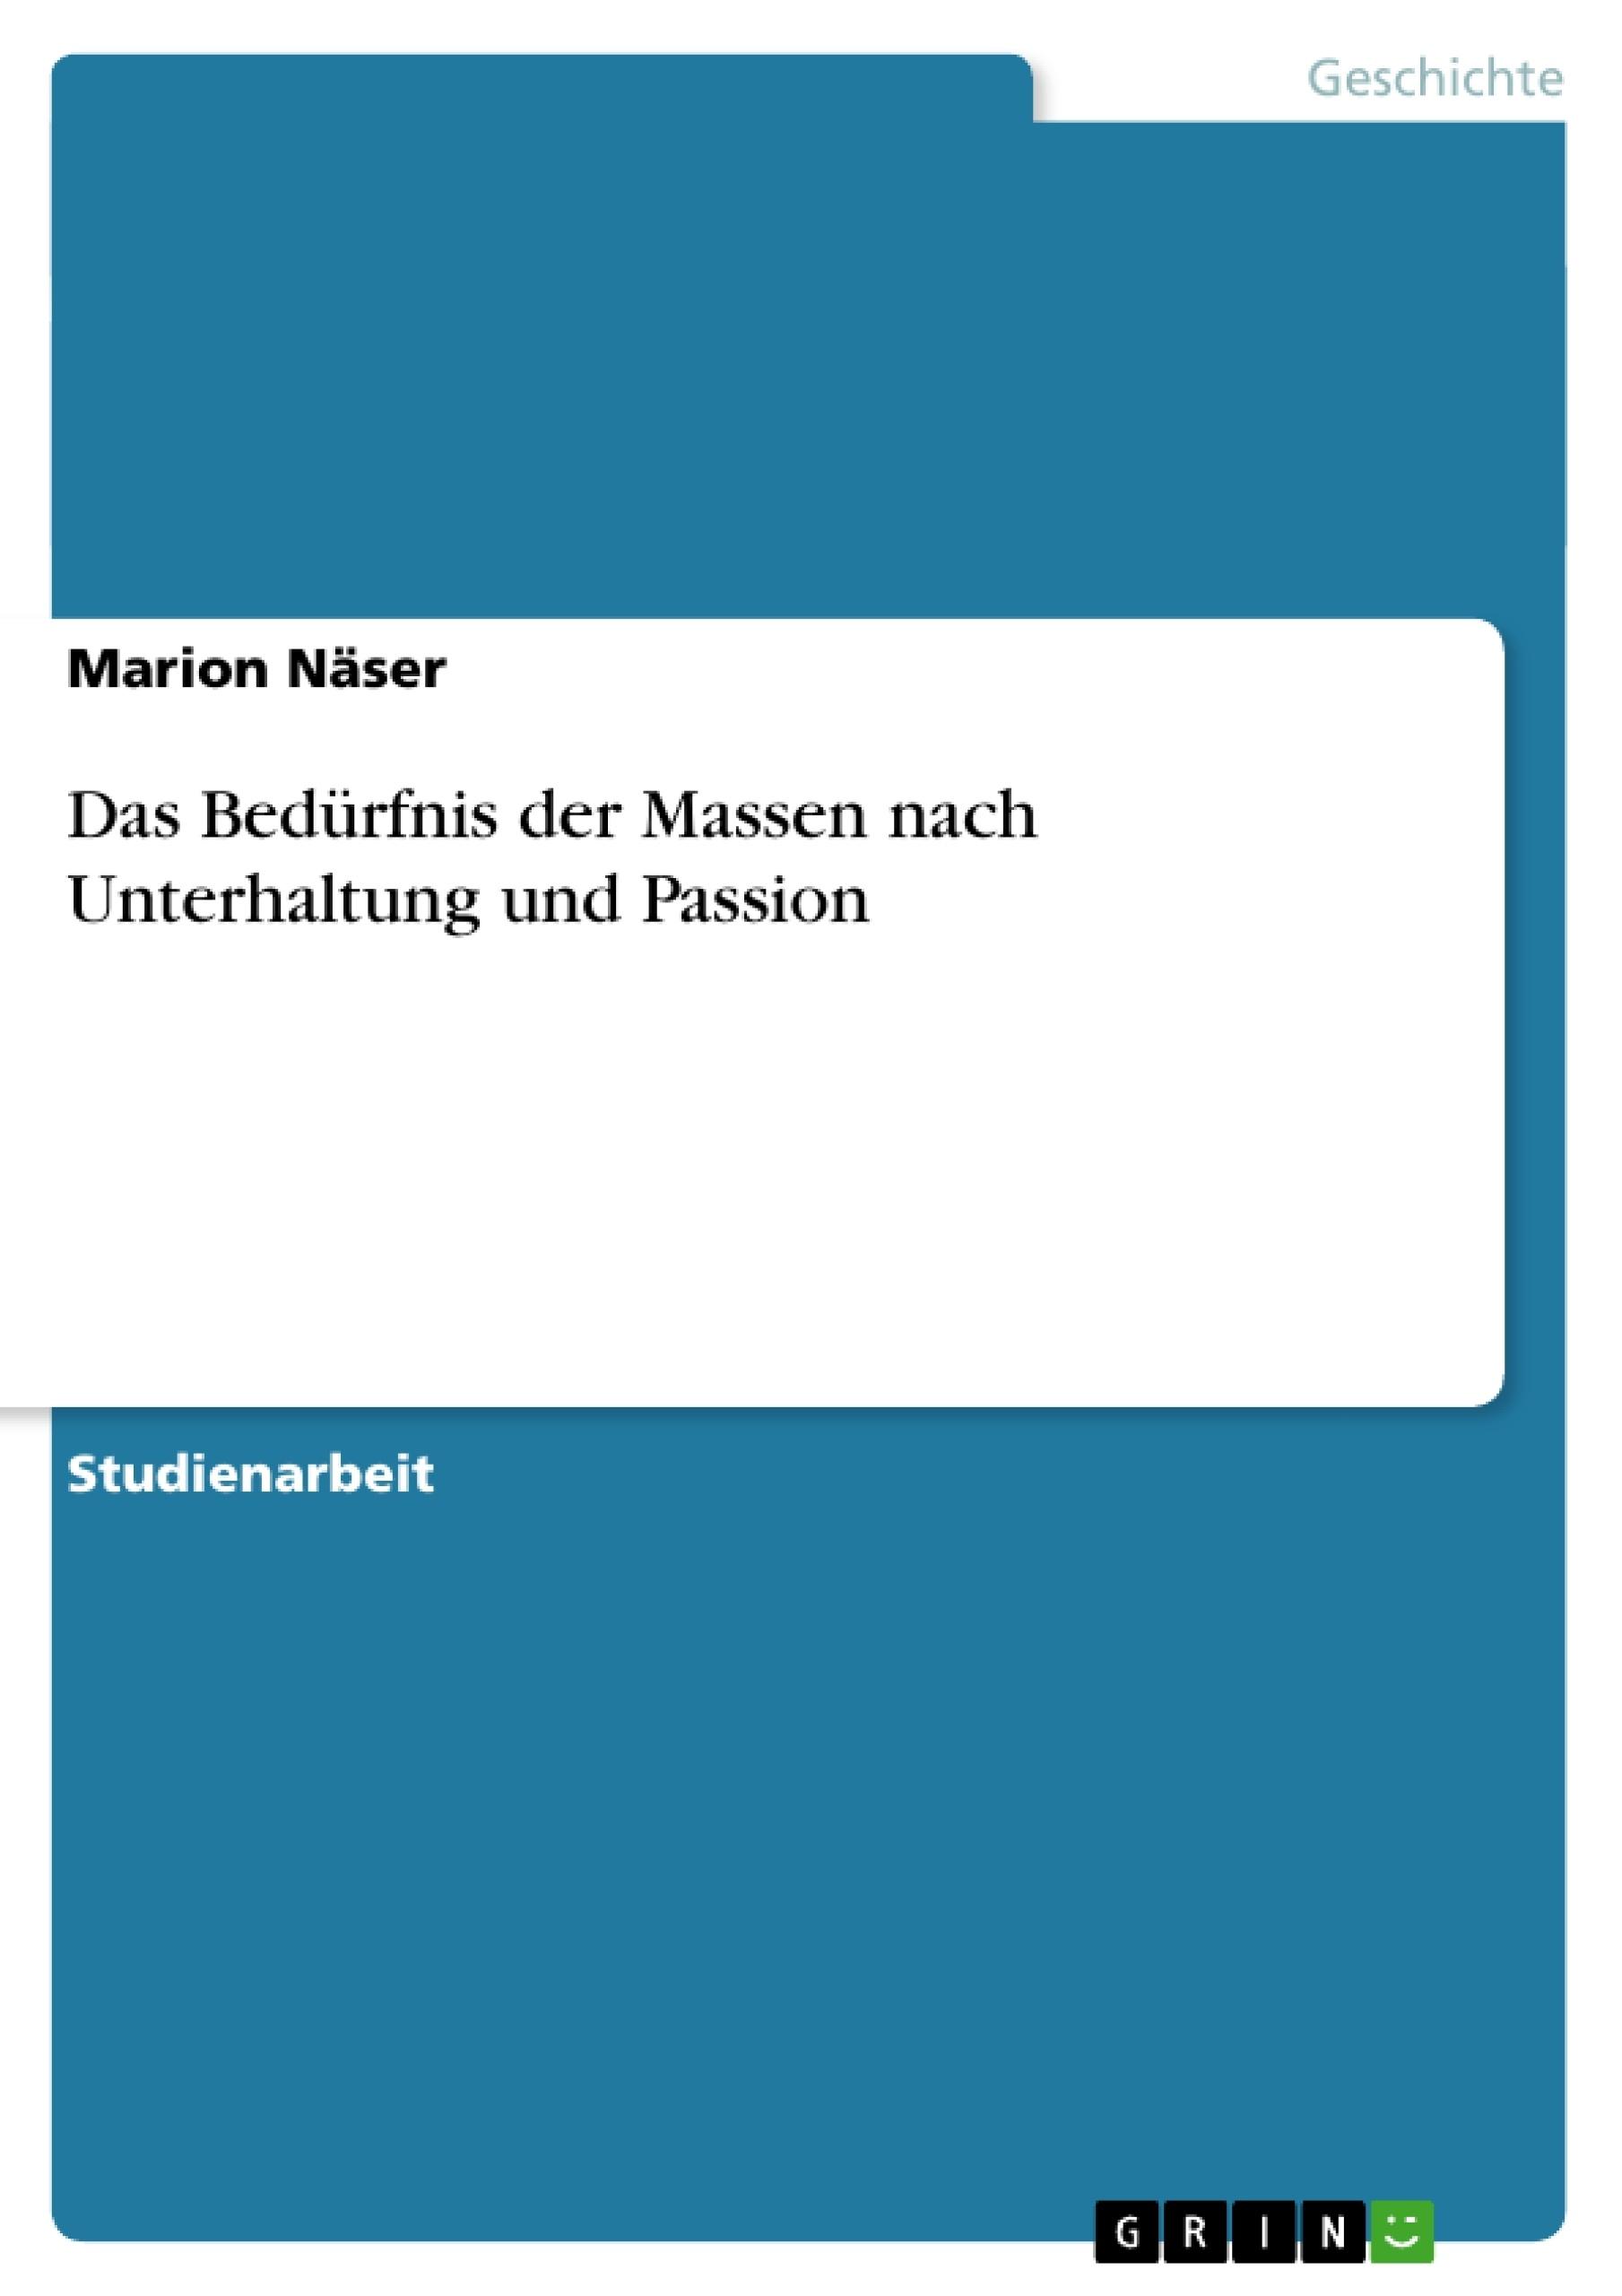 Titel: Das Bedürfnis der Massen nach Unterhaltung und Passion